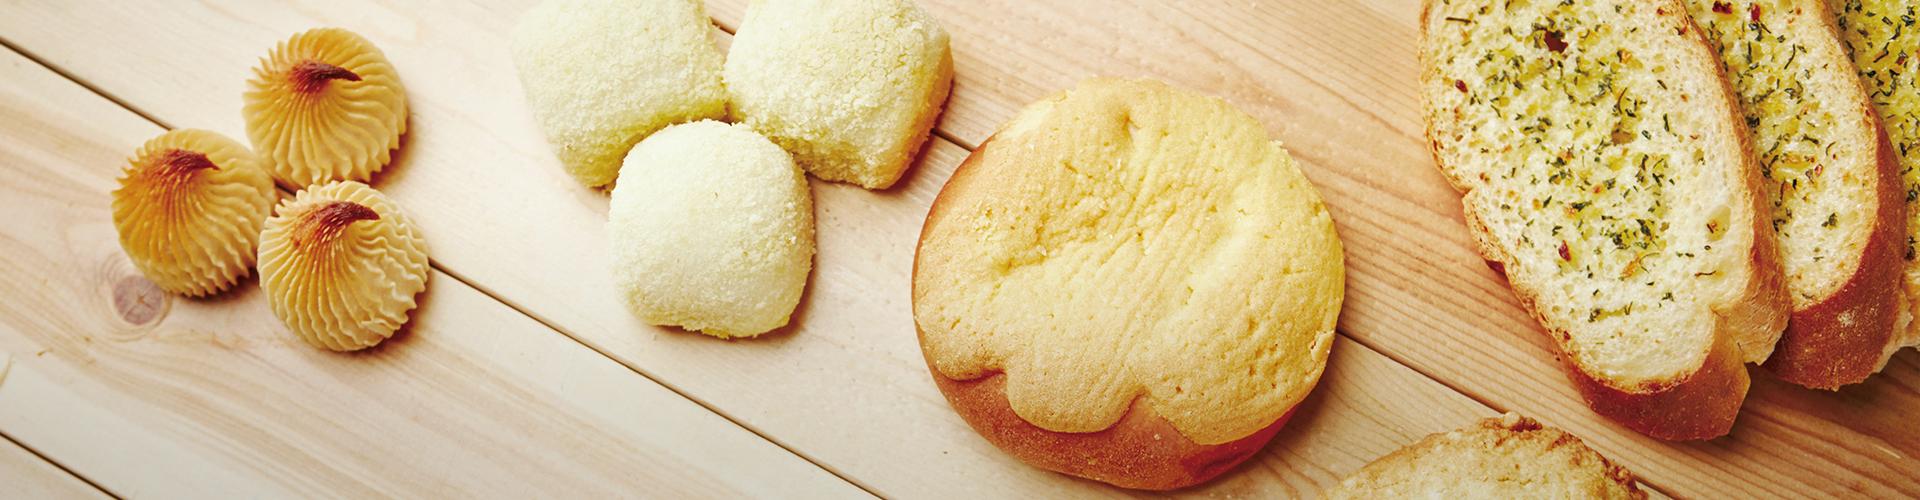 삼송빵집 브랜드 이미지